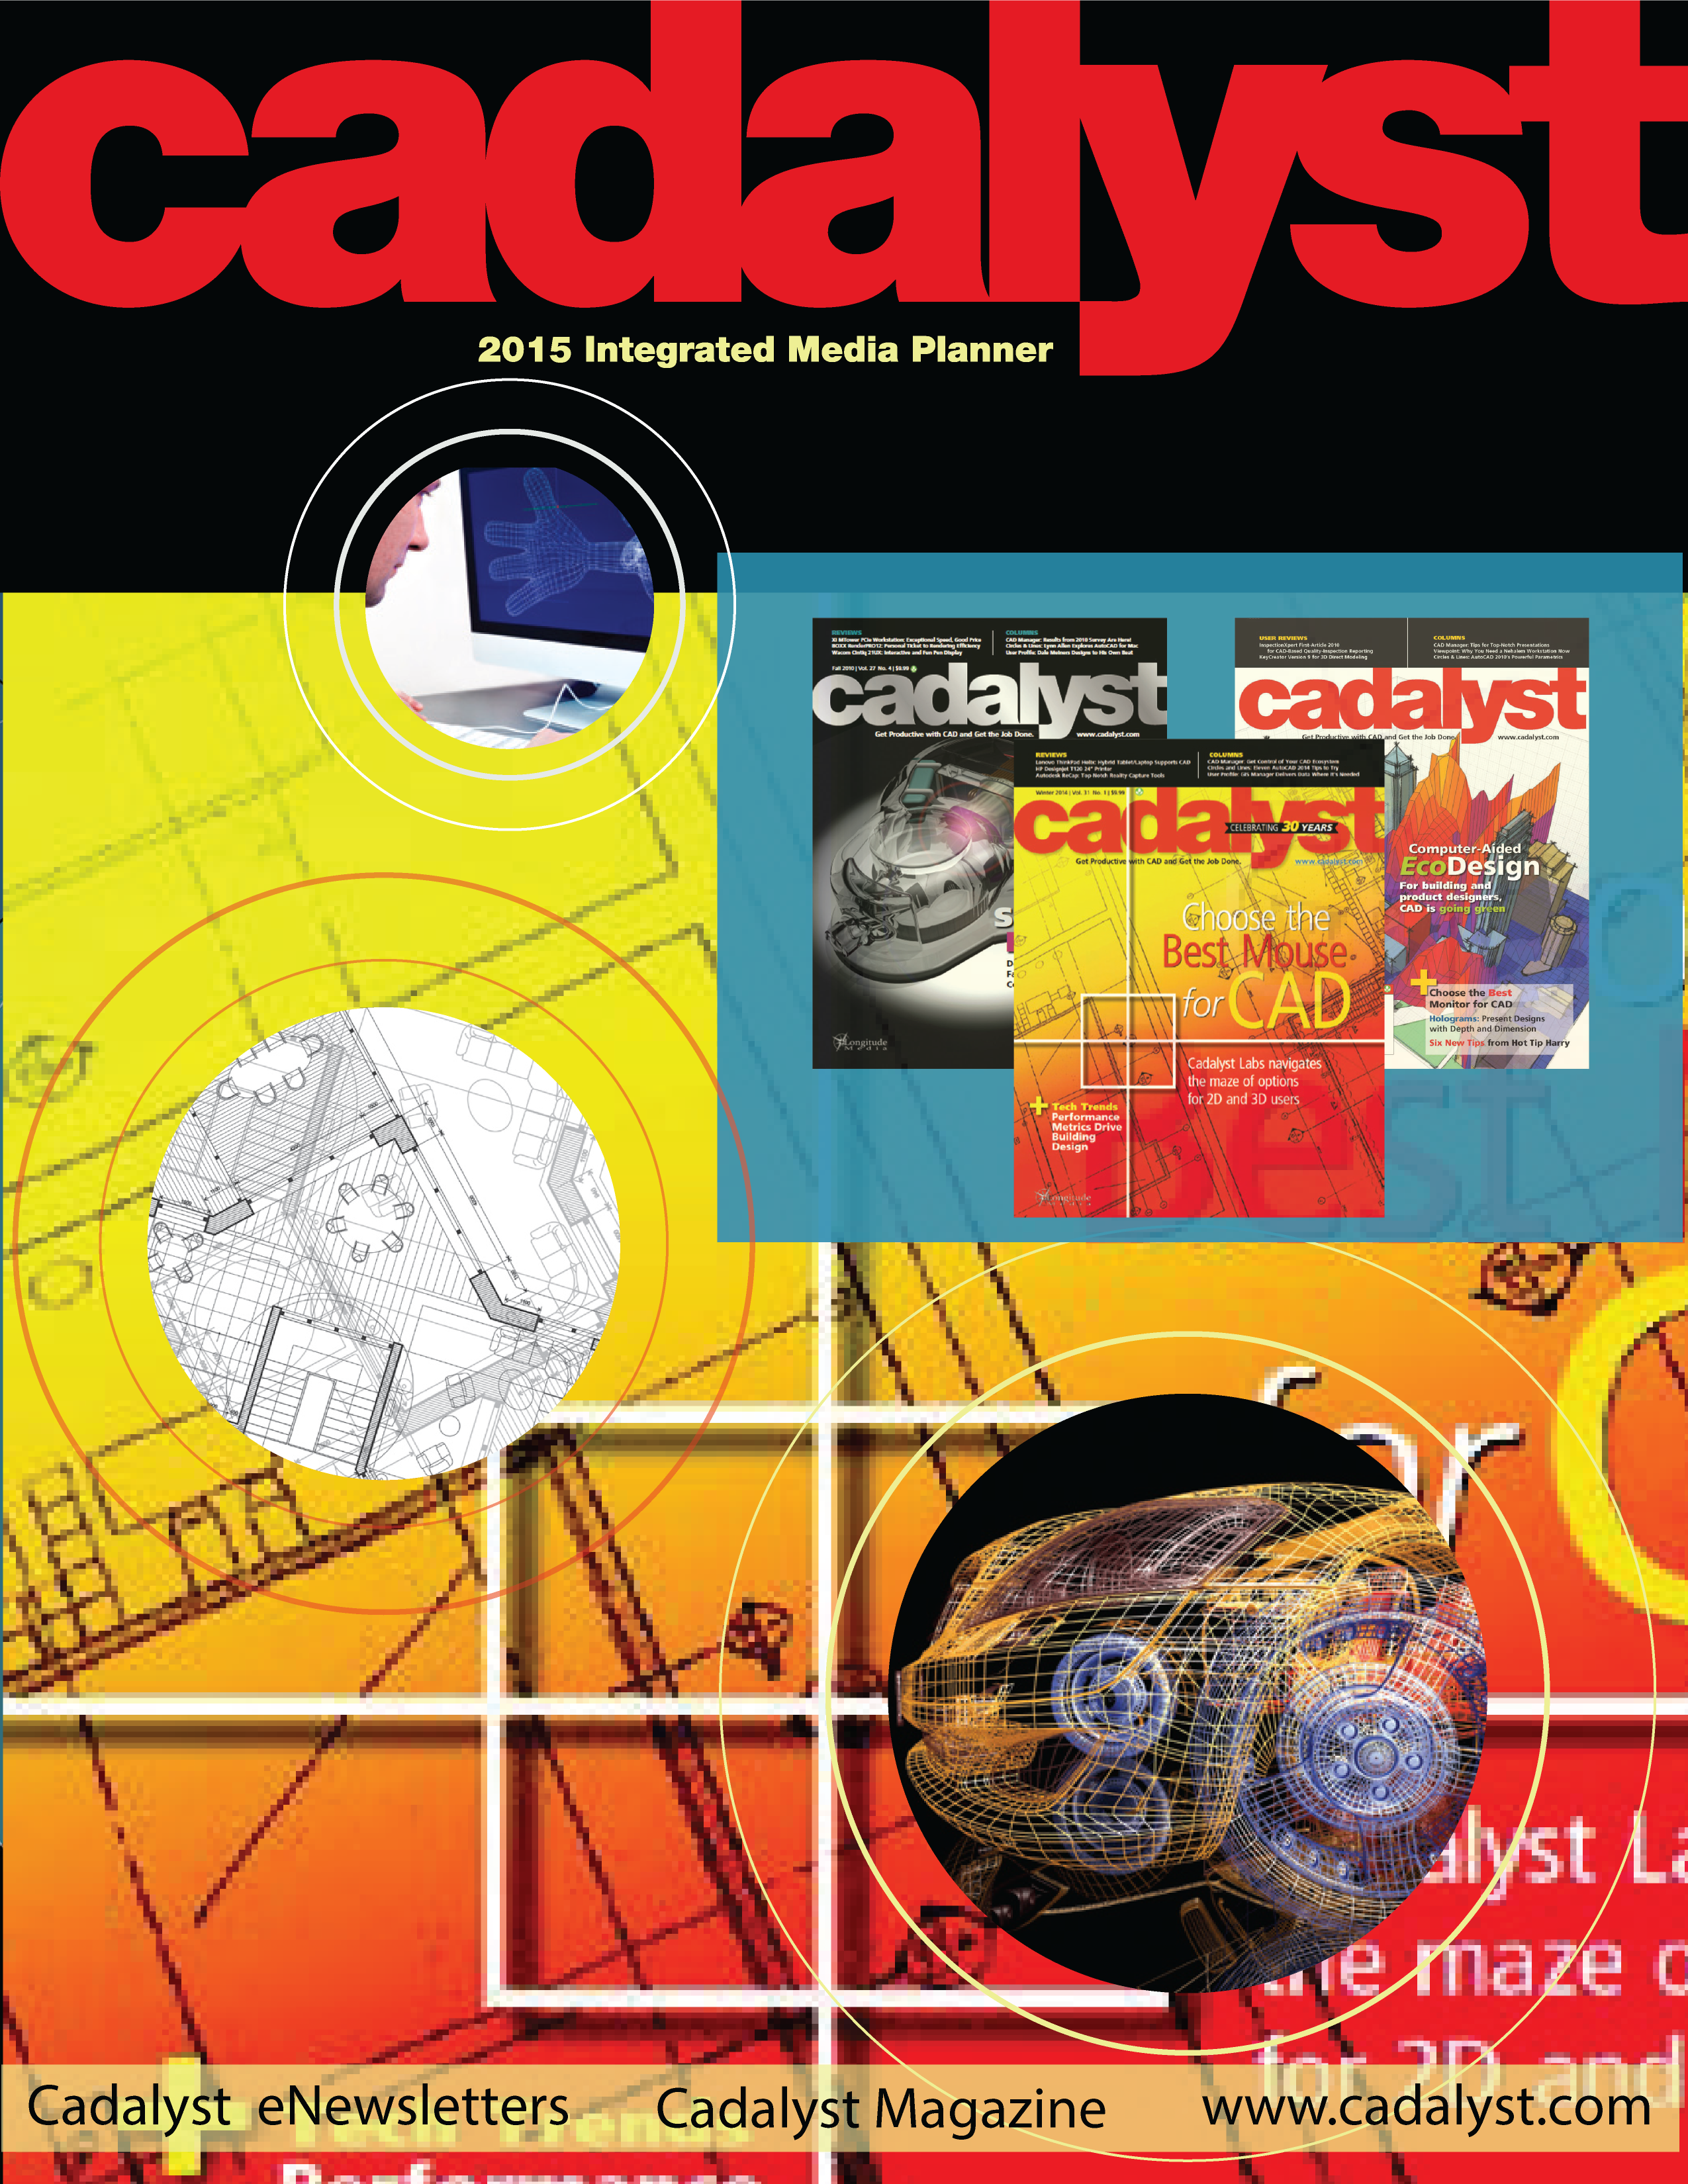 Cadalyst_2014_Media_Kit_COVER